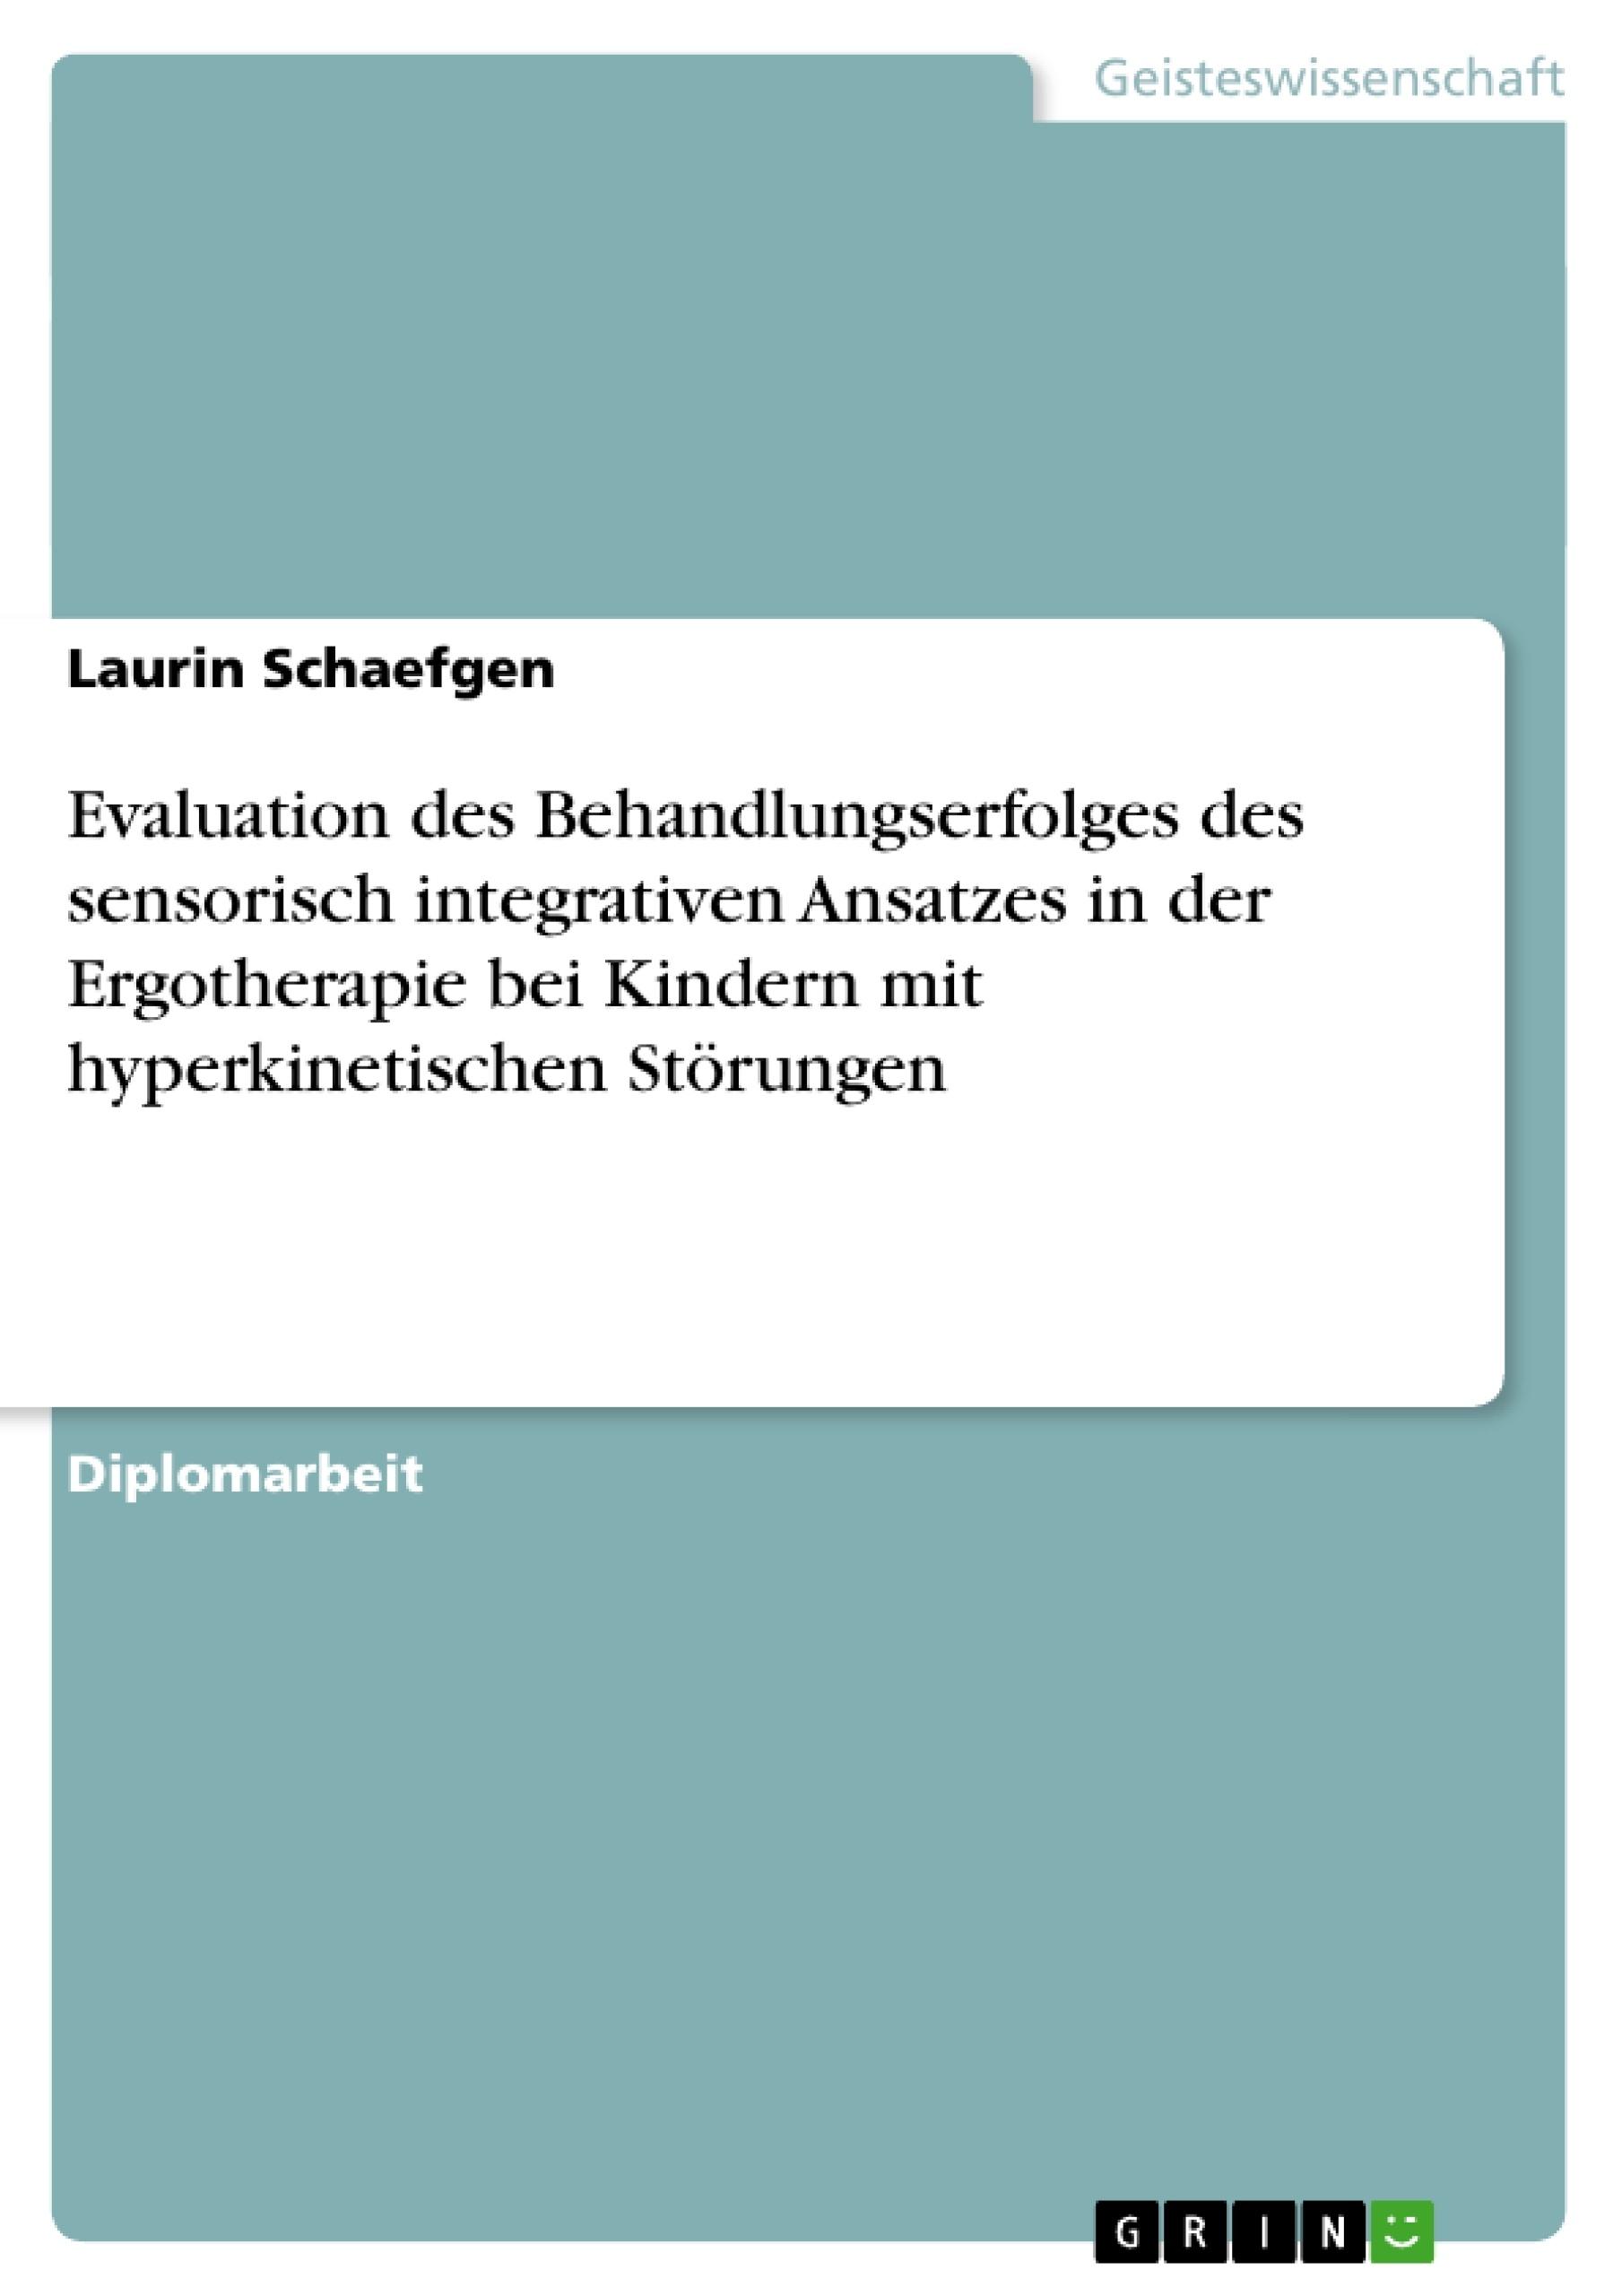 Titel: Evaluation des Behandlungserfolges des sensorisch integrativen Ansatzes in der Ergotherapie bei Kindern mit hyperkinetischen Störungen